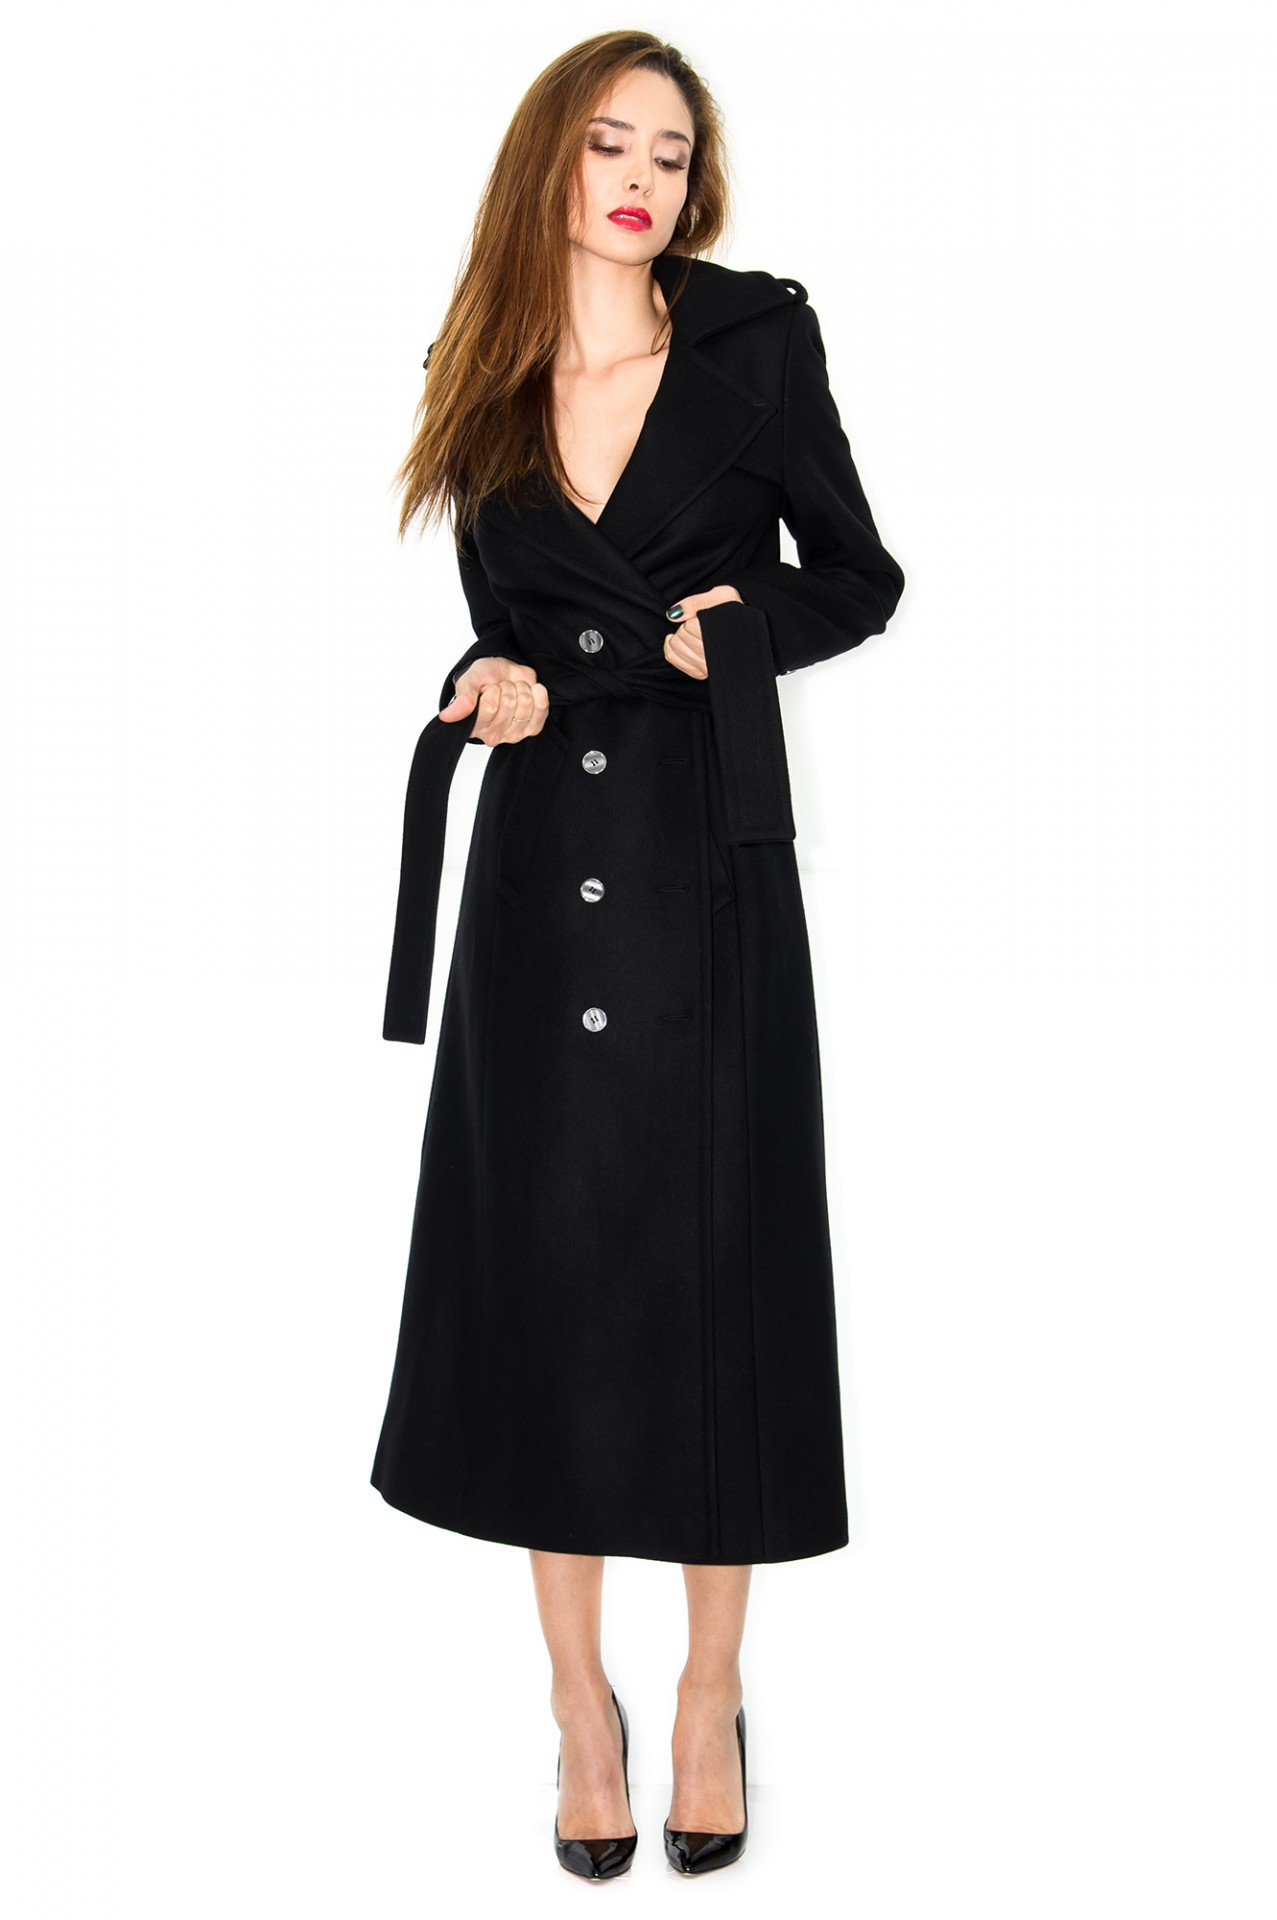 manteau cachemire manteau noir manteau long manteau femme stefanie renoma. Black Bedroom Furniture Sets. Home Design Ideas